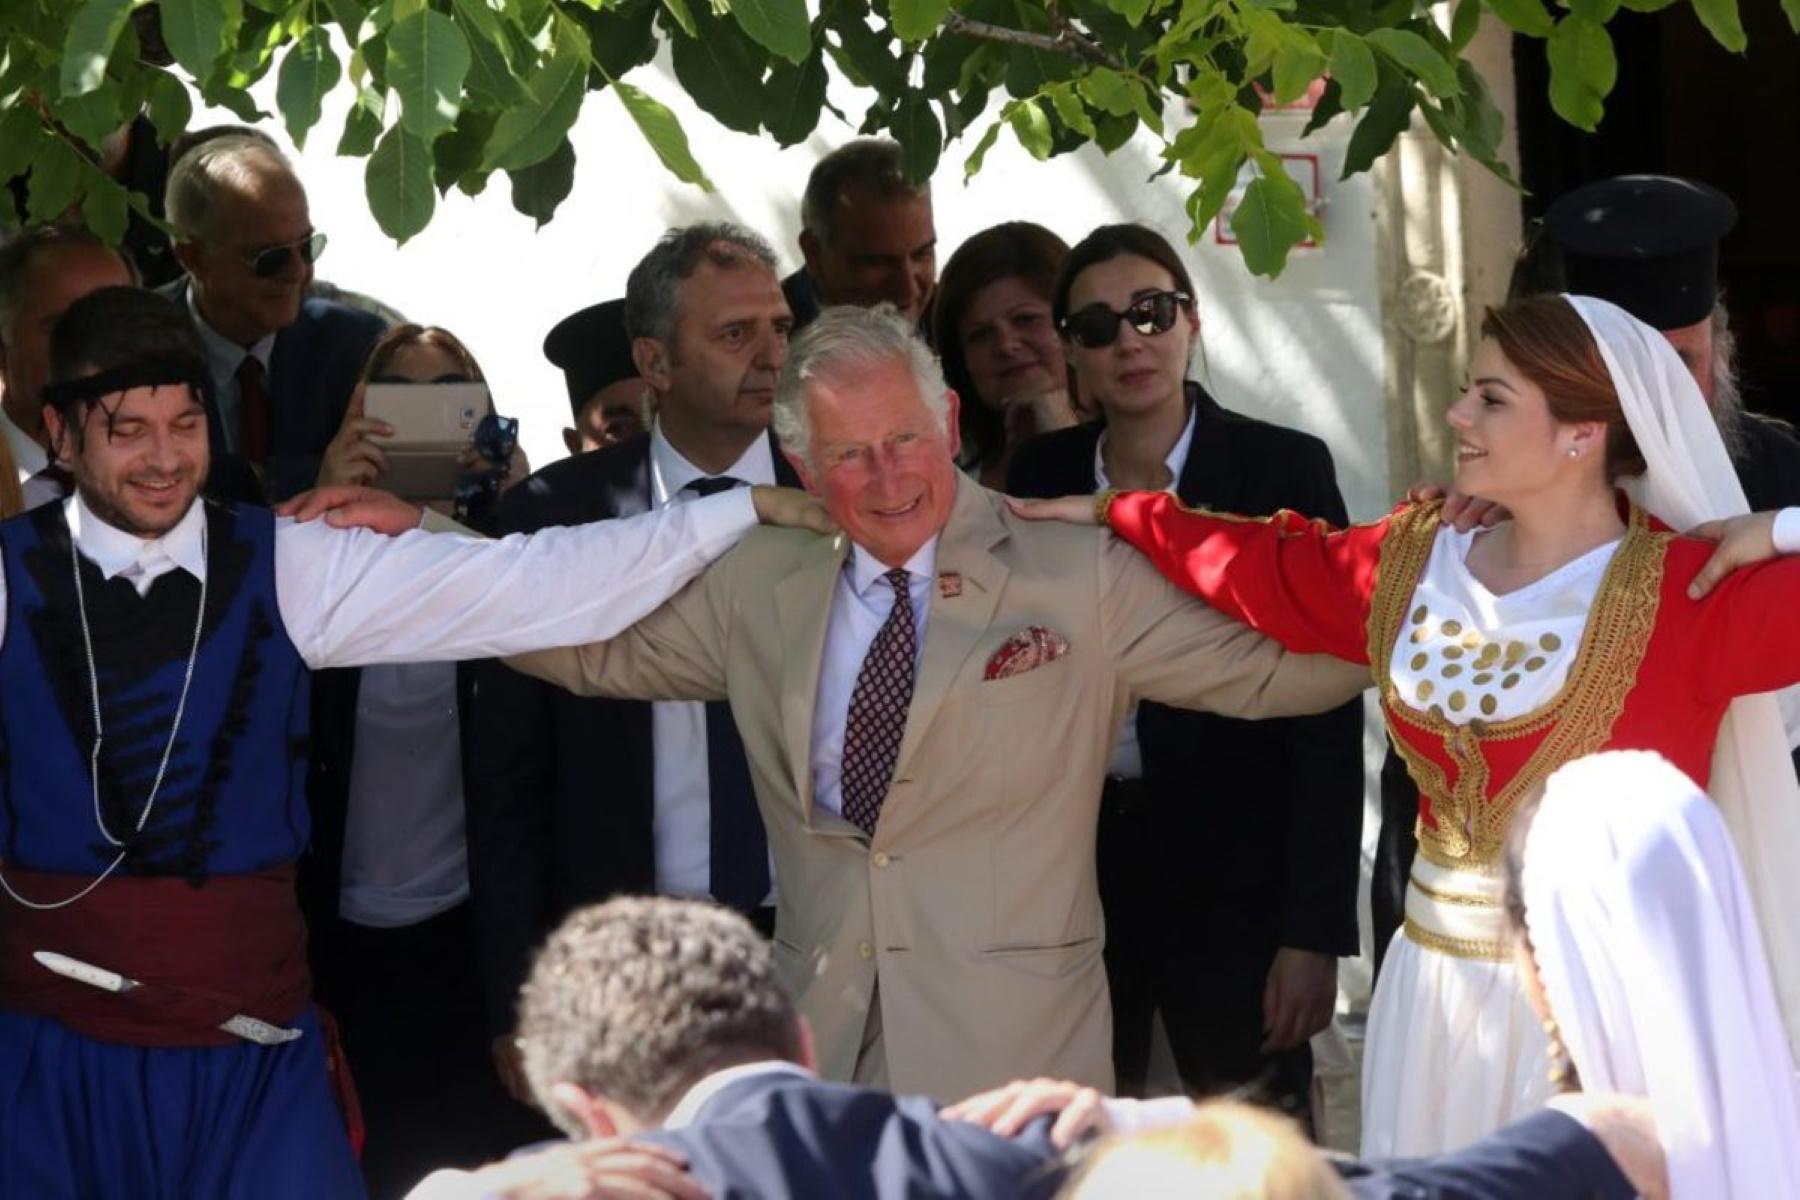 Επικοινωνία Μητσοτάκη με πρίγκιπα Κάρολο – Τι απάντησε για την πρόσκληση της 25ης Μαρτίου